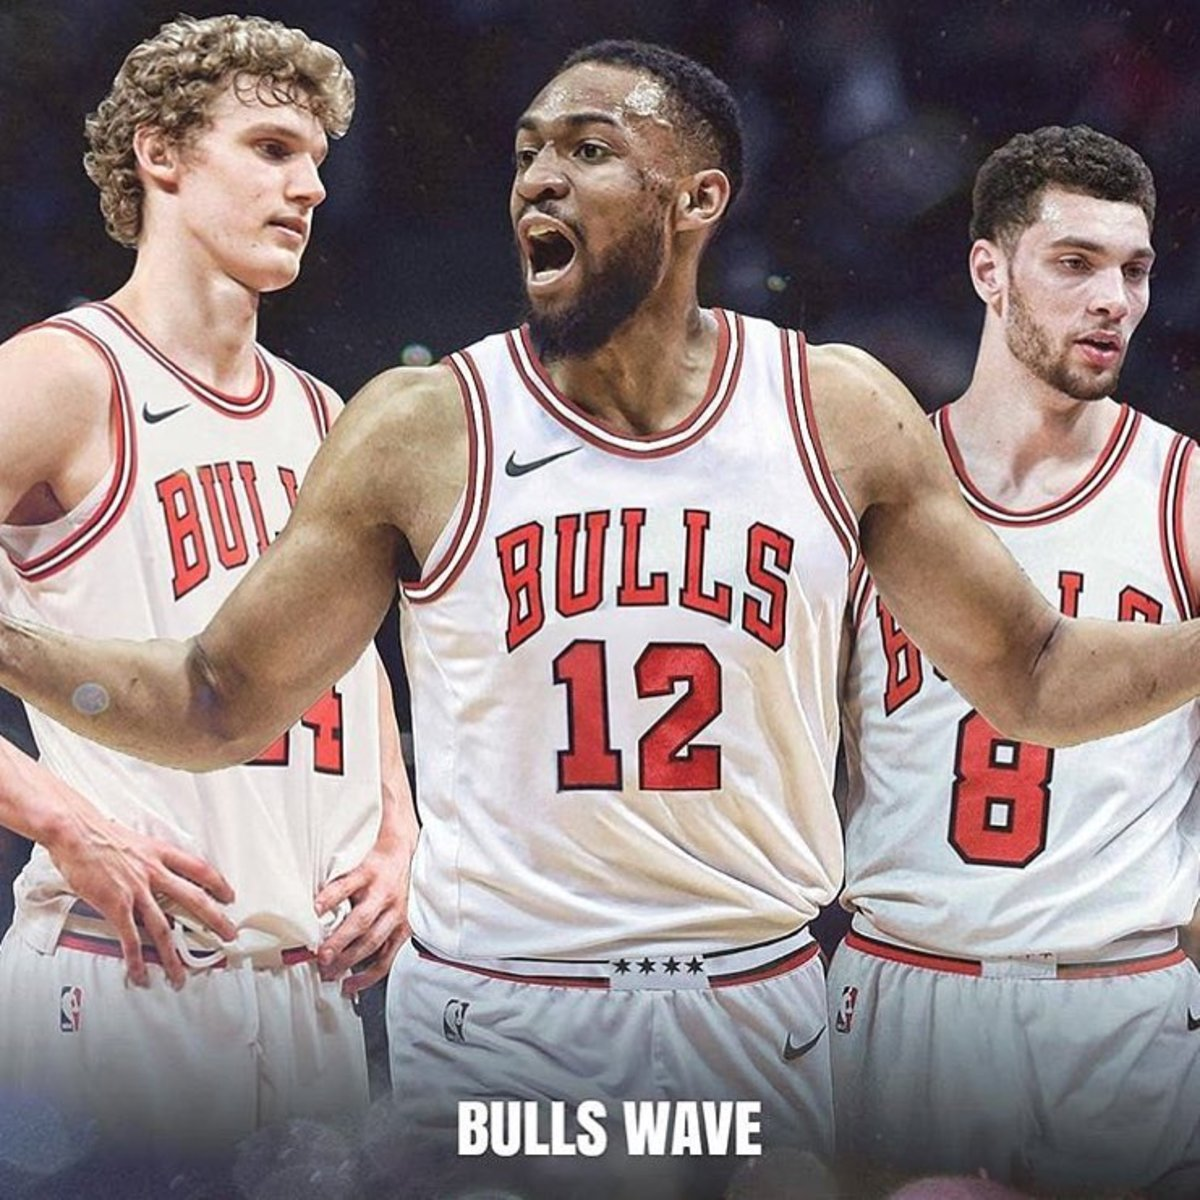 Credit: Bulls Wave